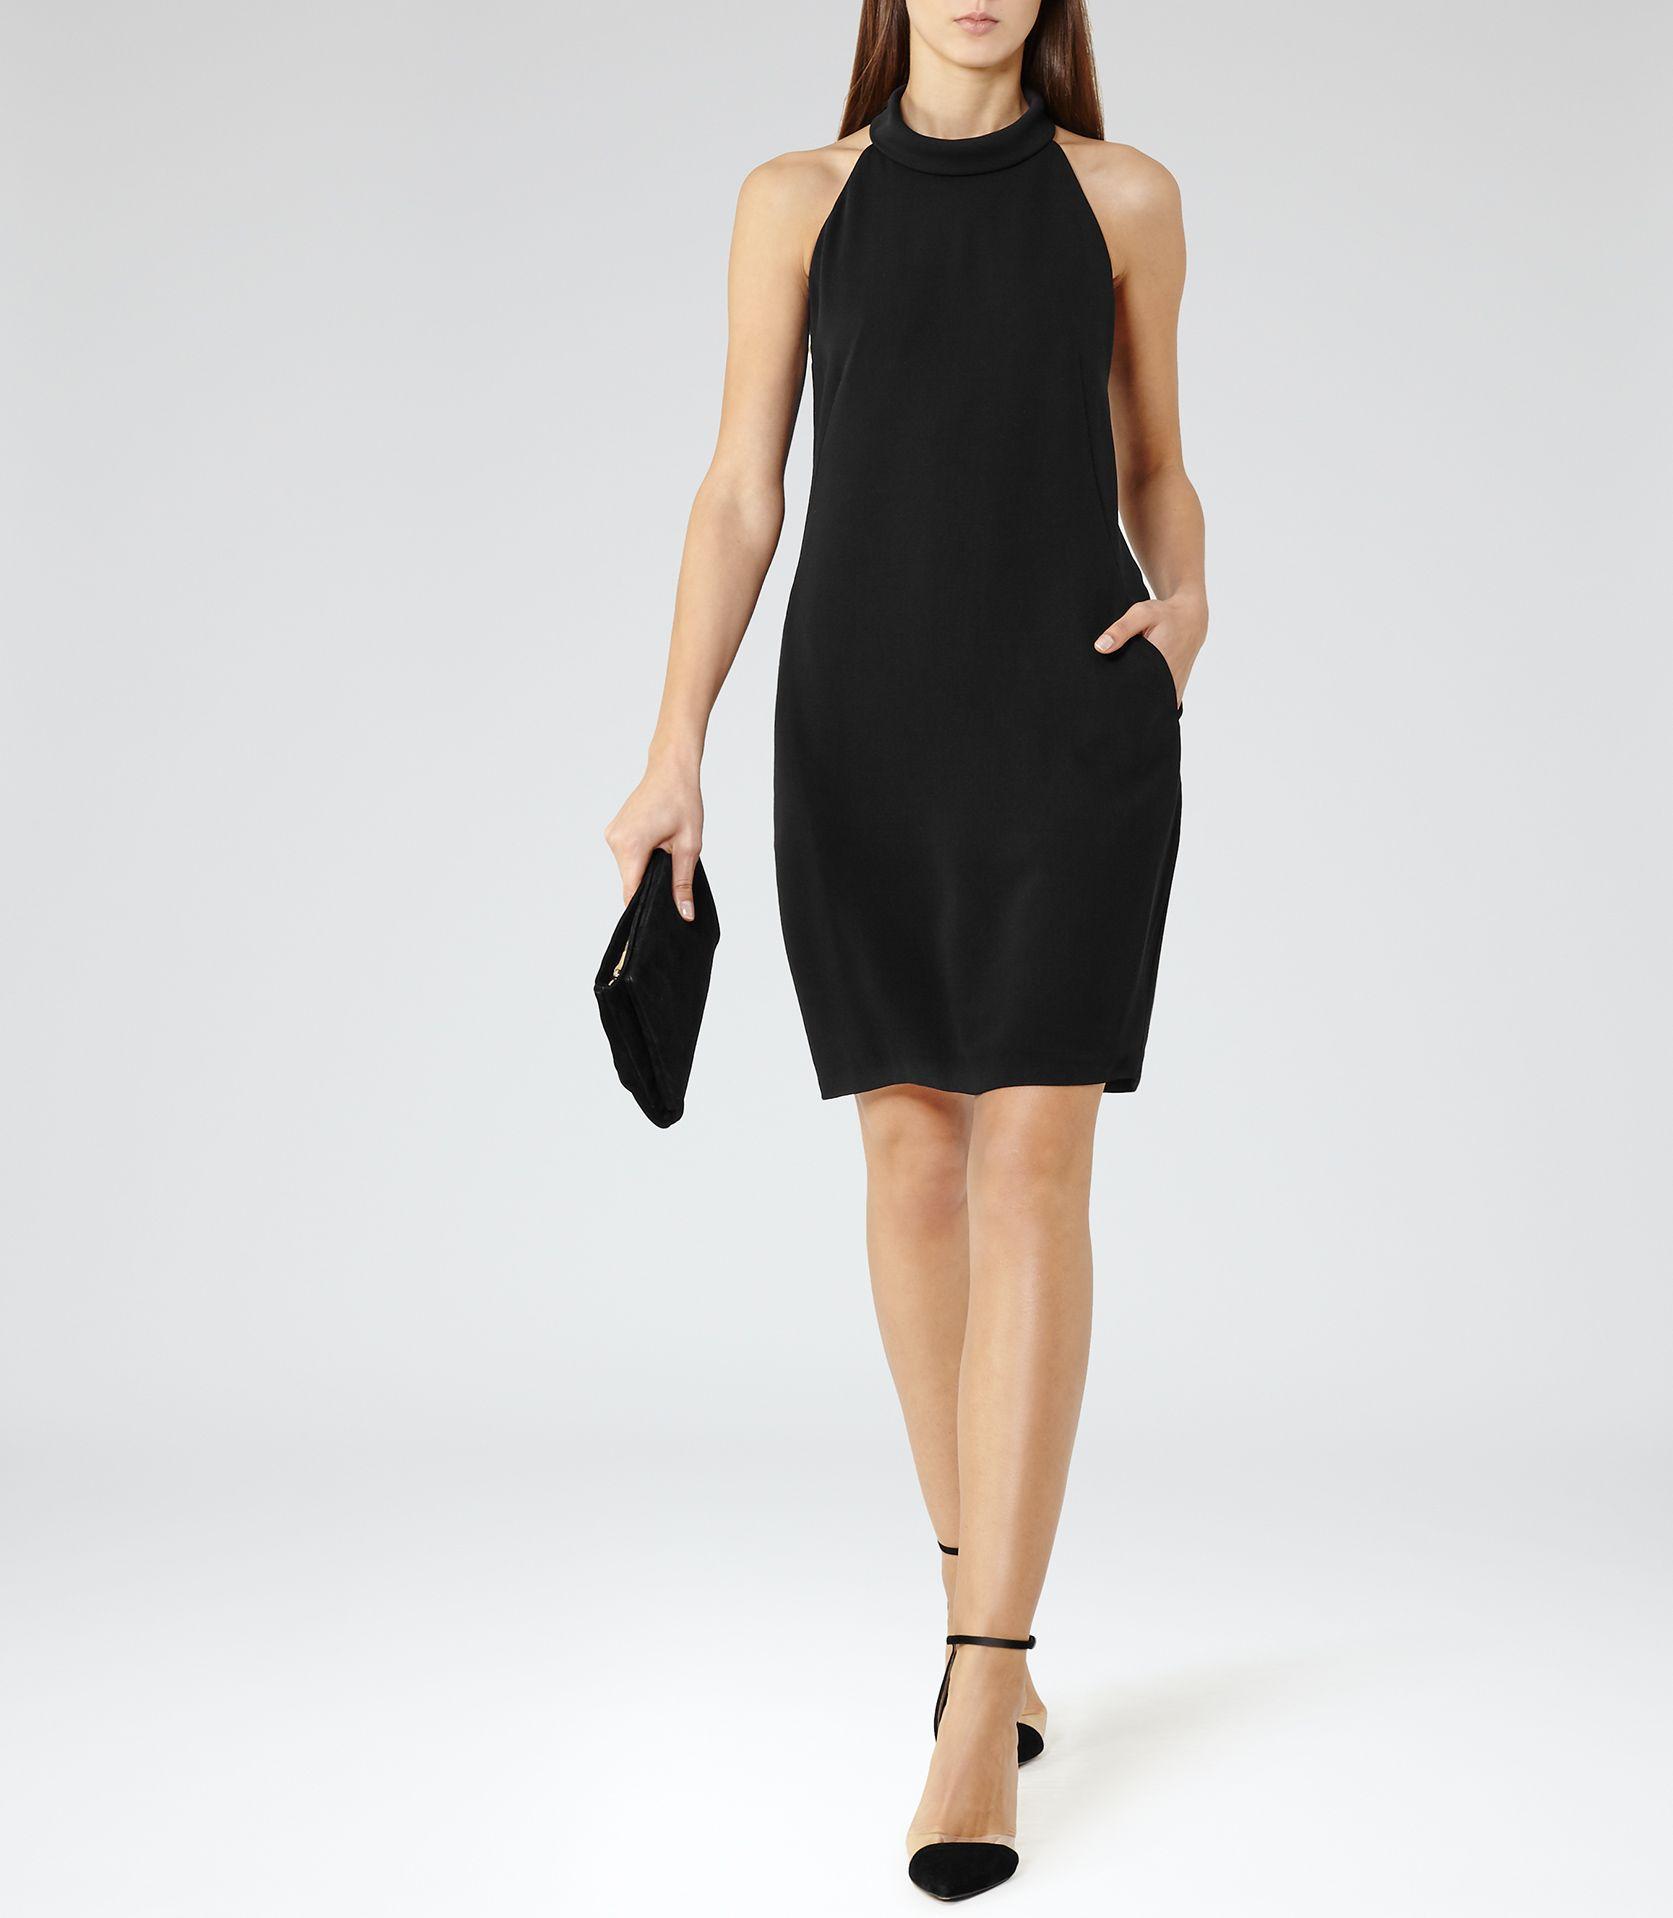 4468253649a 180 Womens Black Open-back Dress - Reiss Venice